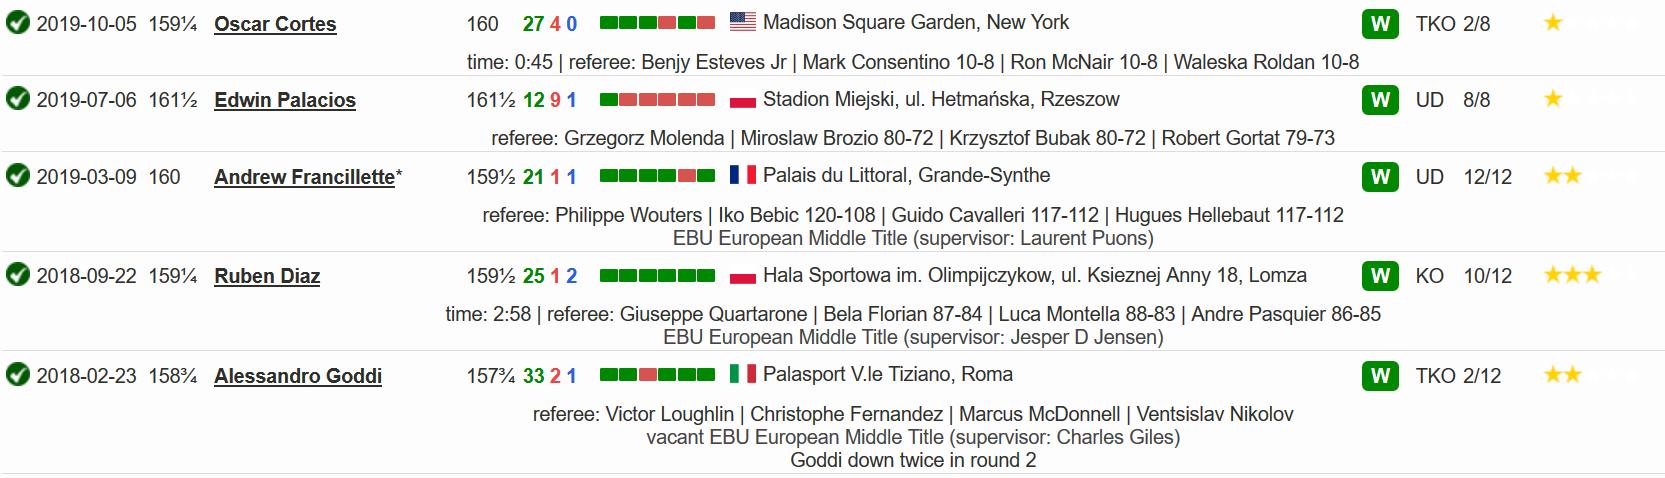 Последние 5 боев в боксерской карьере Камила Шеремета